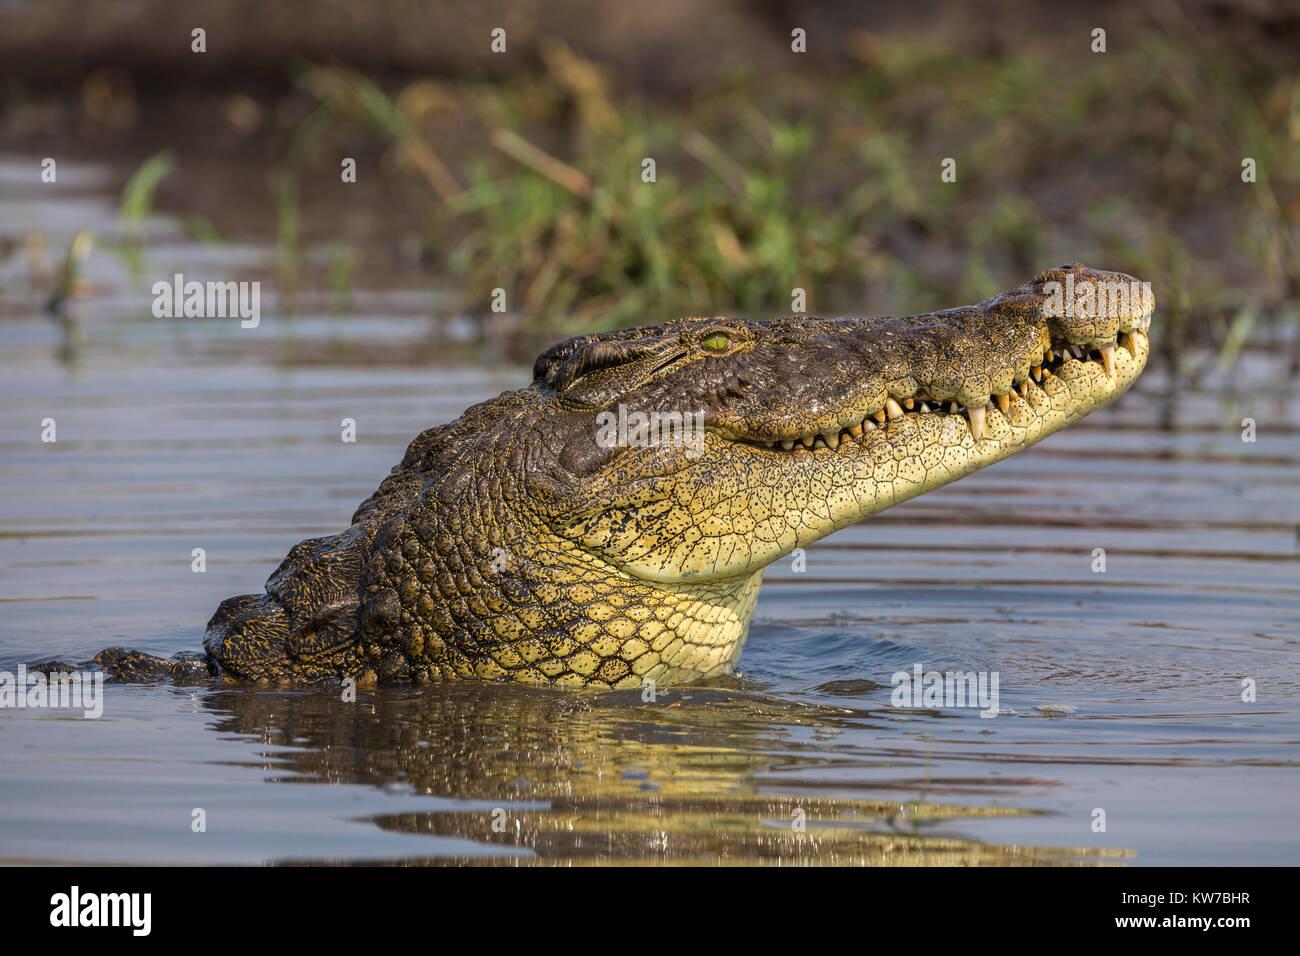 El cocodrilo del Nilo (Crocodylus niloticus), río Chobe, Botswana, septiembre de 2017 Imagen De Stock